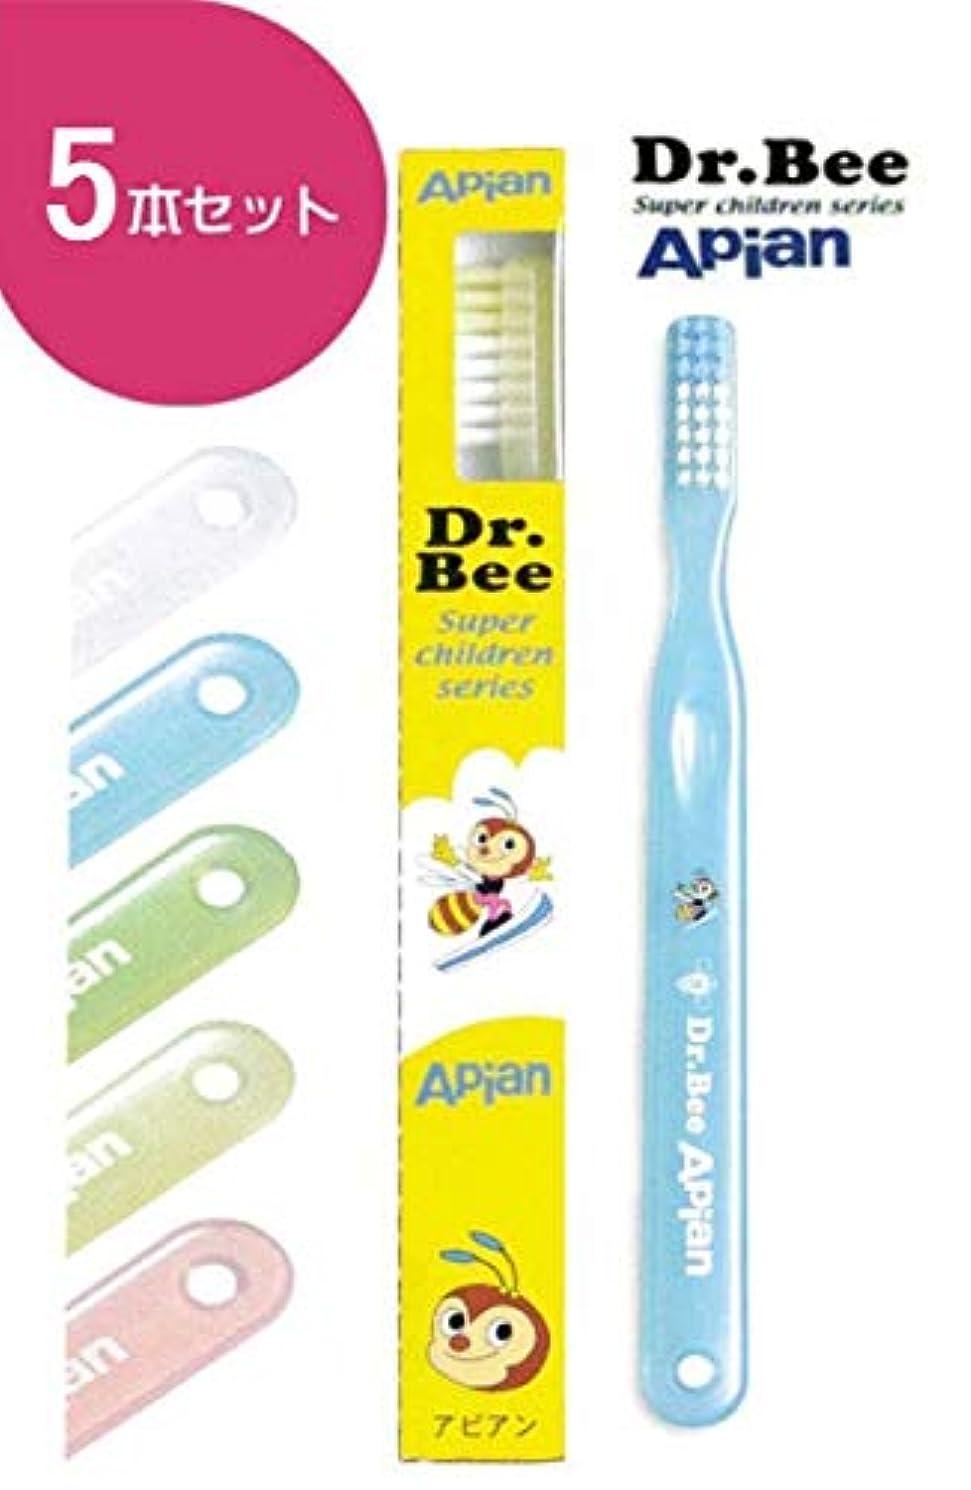 行政閃光爆発ビーブランド ドクタービー(Dr.Bee) アピアン(Apian) 5本